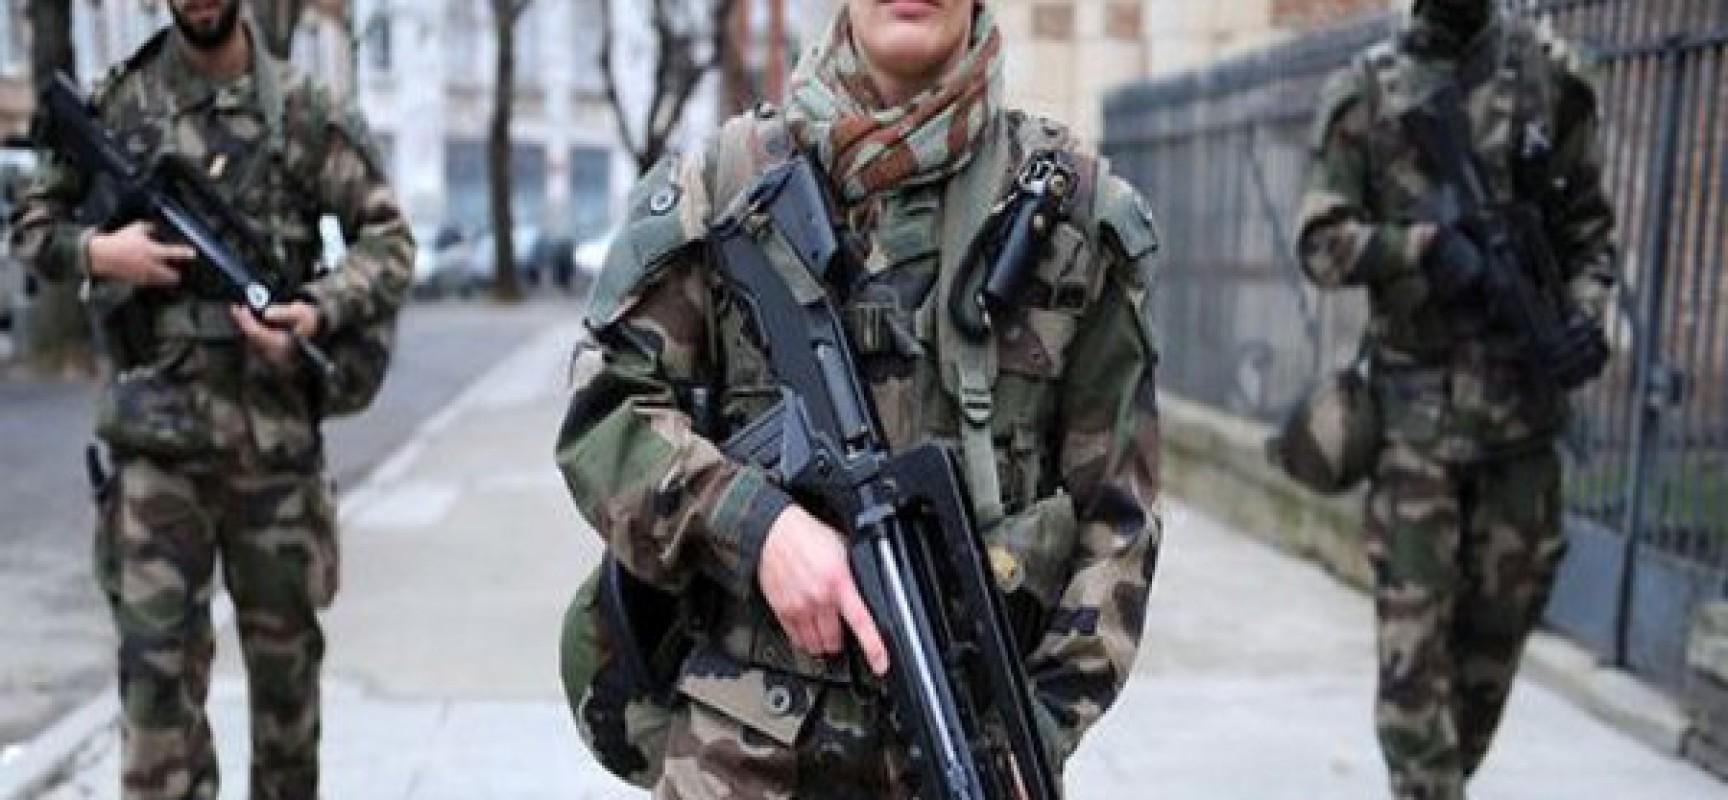 Le pouvoir veut créer une Garde nationale contre-révolutionnaire